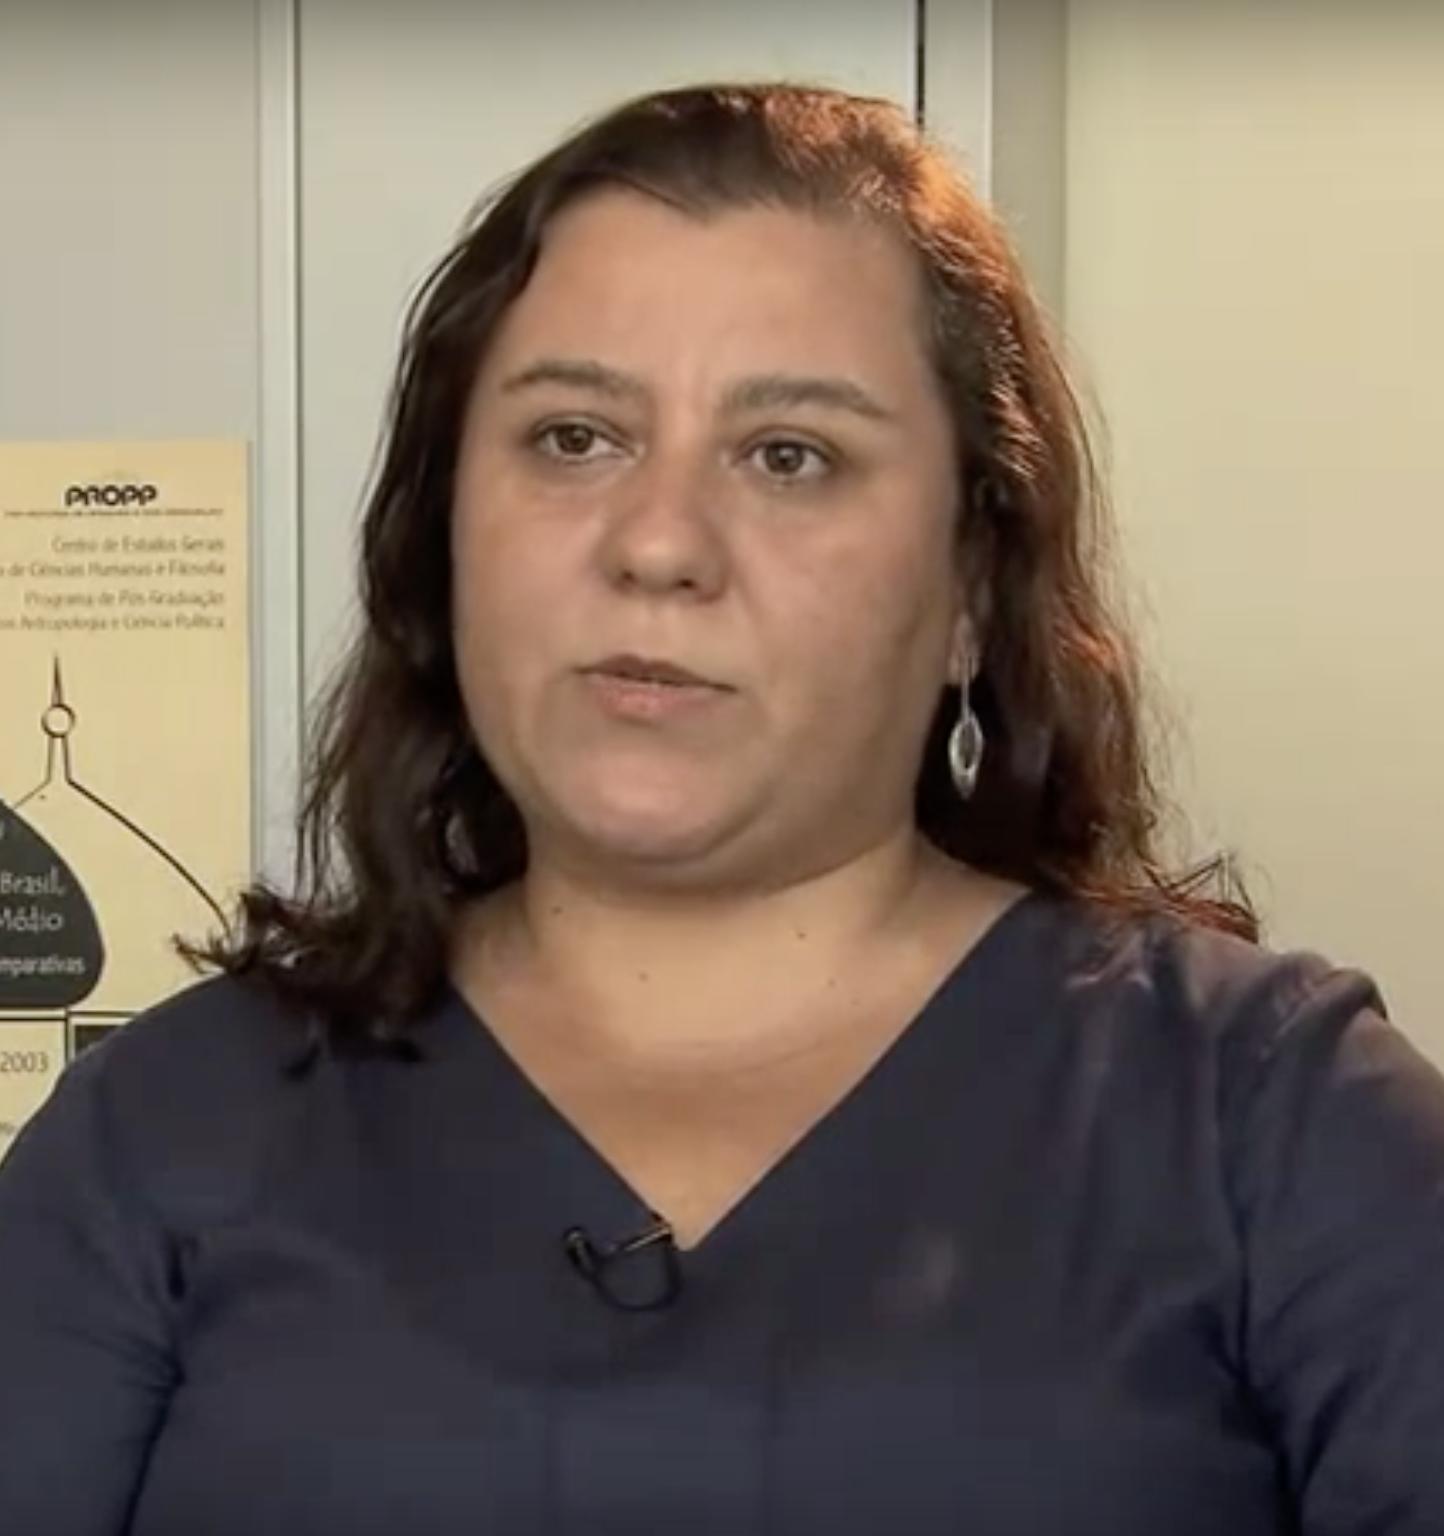 Gisele Fonseca Chagas Professora do programa de pós-graduação em antropologia e vice-coordenadora do Núcleo de Estudos do Oriente Médio da Universidade Federal Fluminense